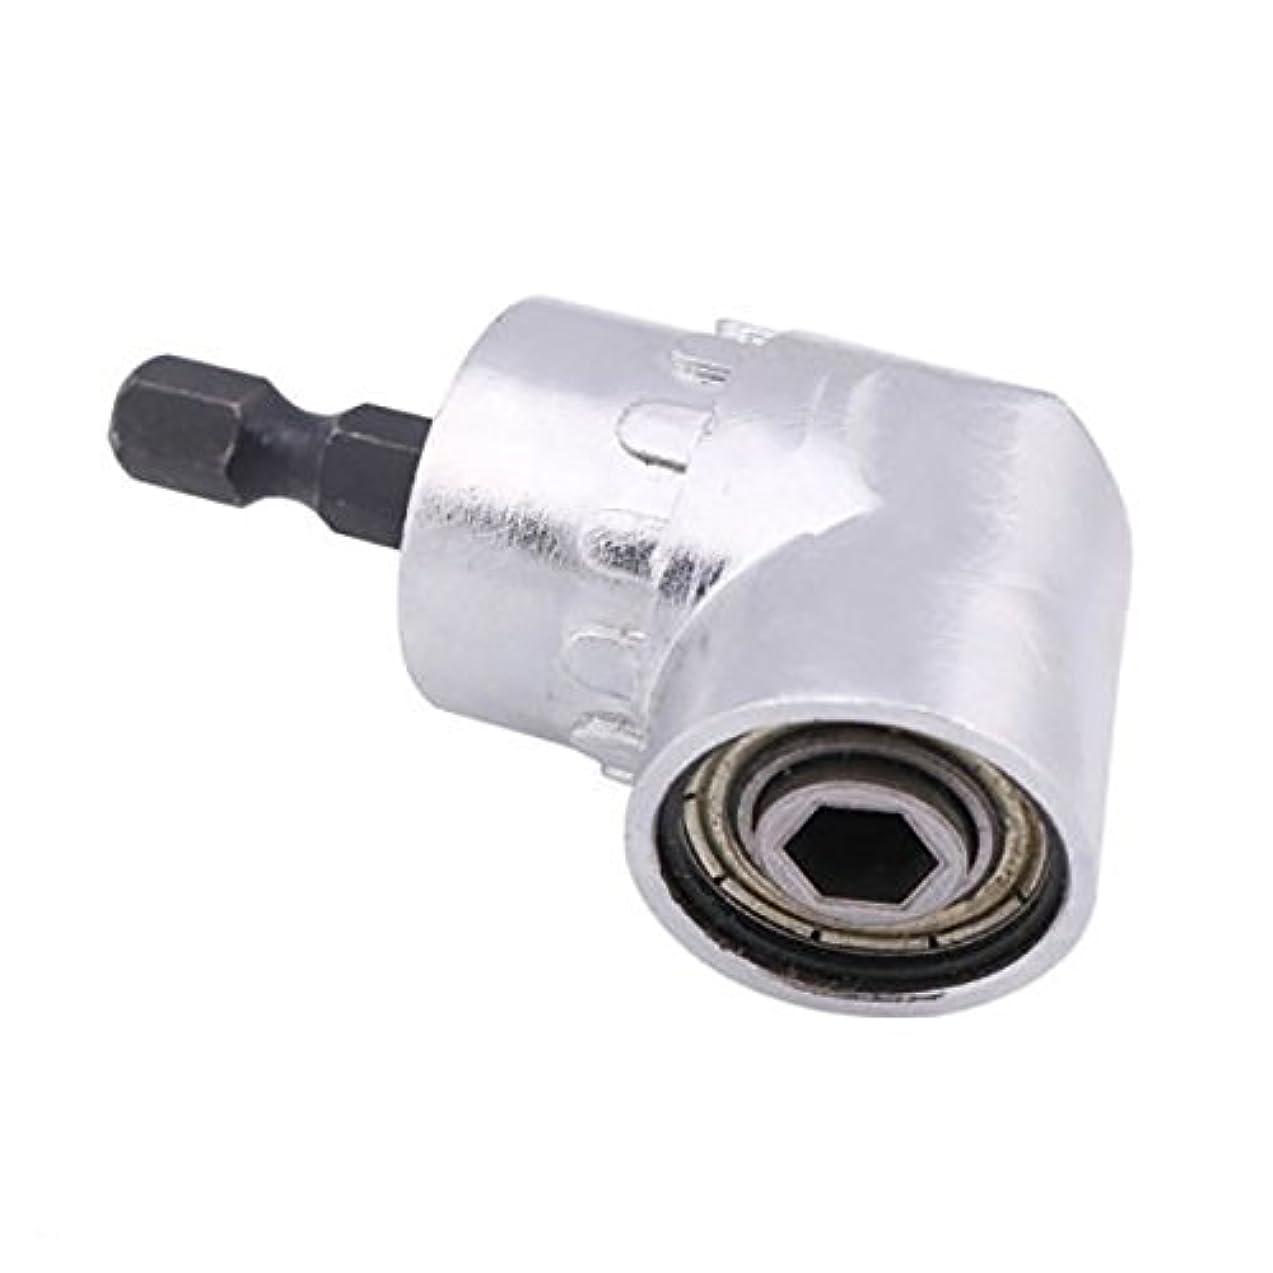 マイルストーンひねりメンバーMIRAIS ドライバー 角度 調整 アタッチメント 六角 電動 工具 対応 取り付け 拡張 角度 105度 MR-MXT-488A